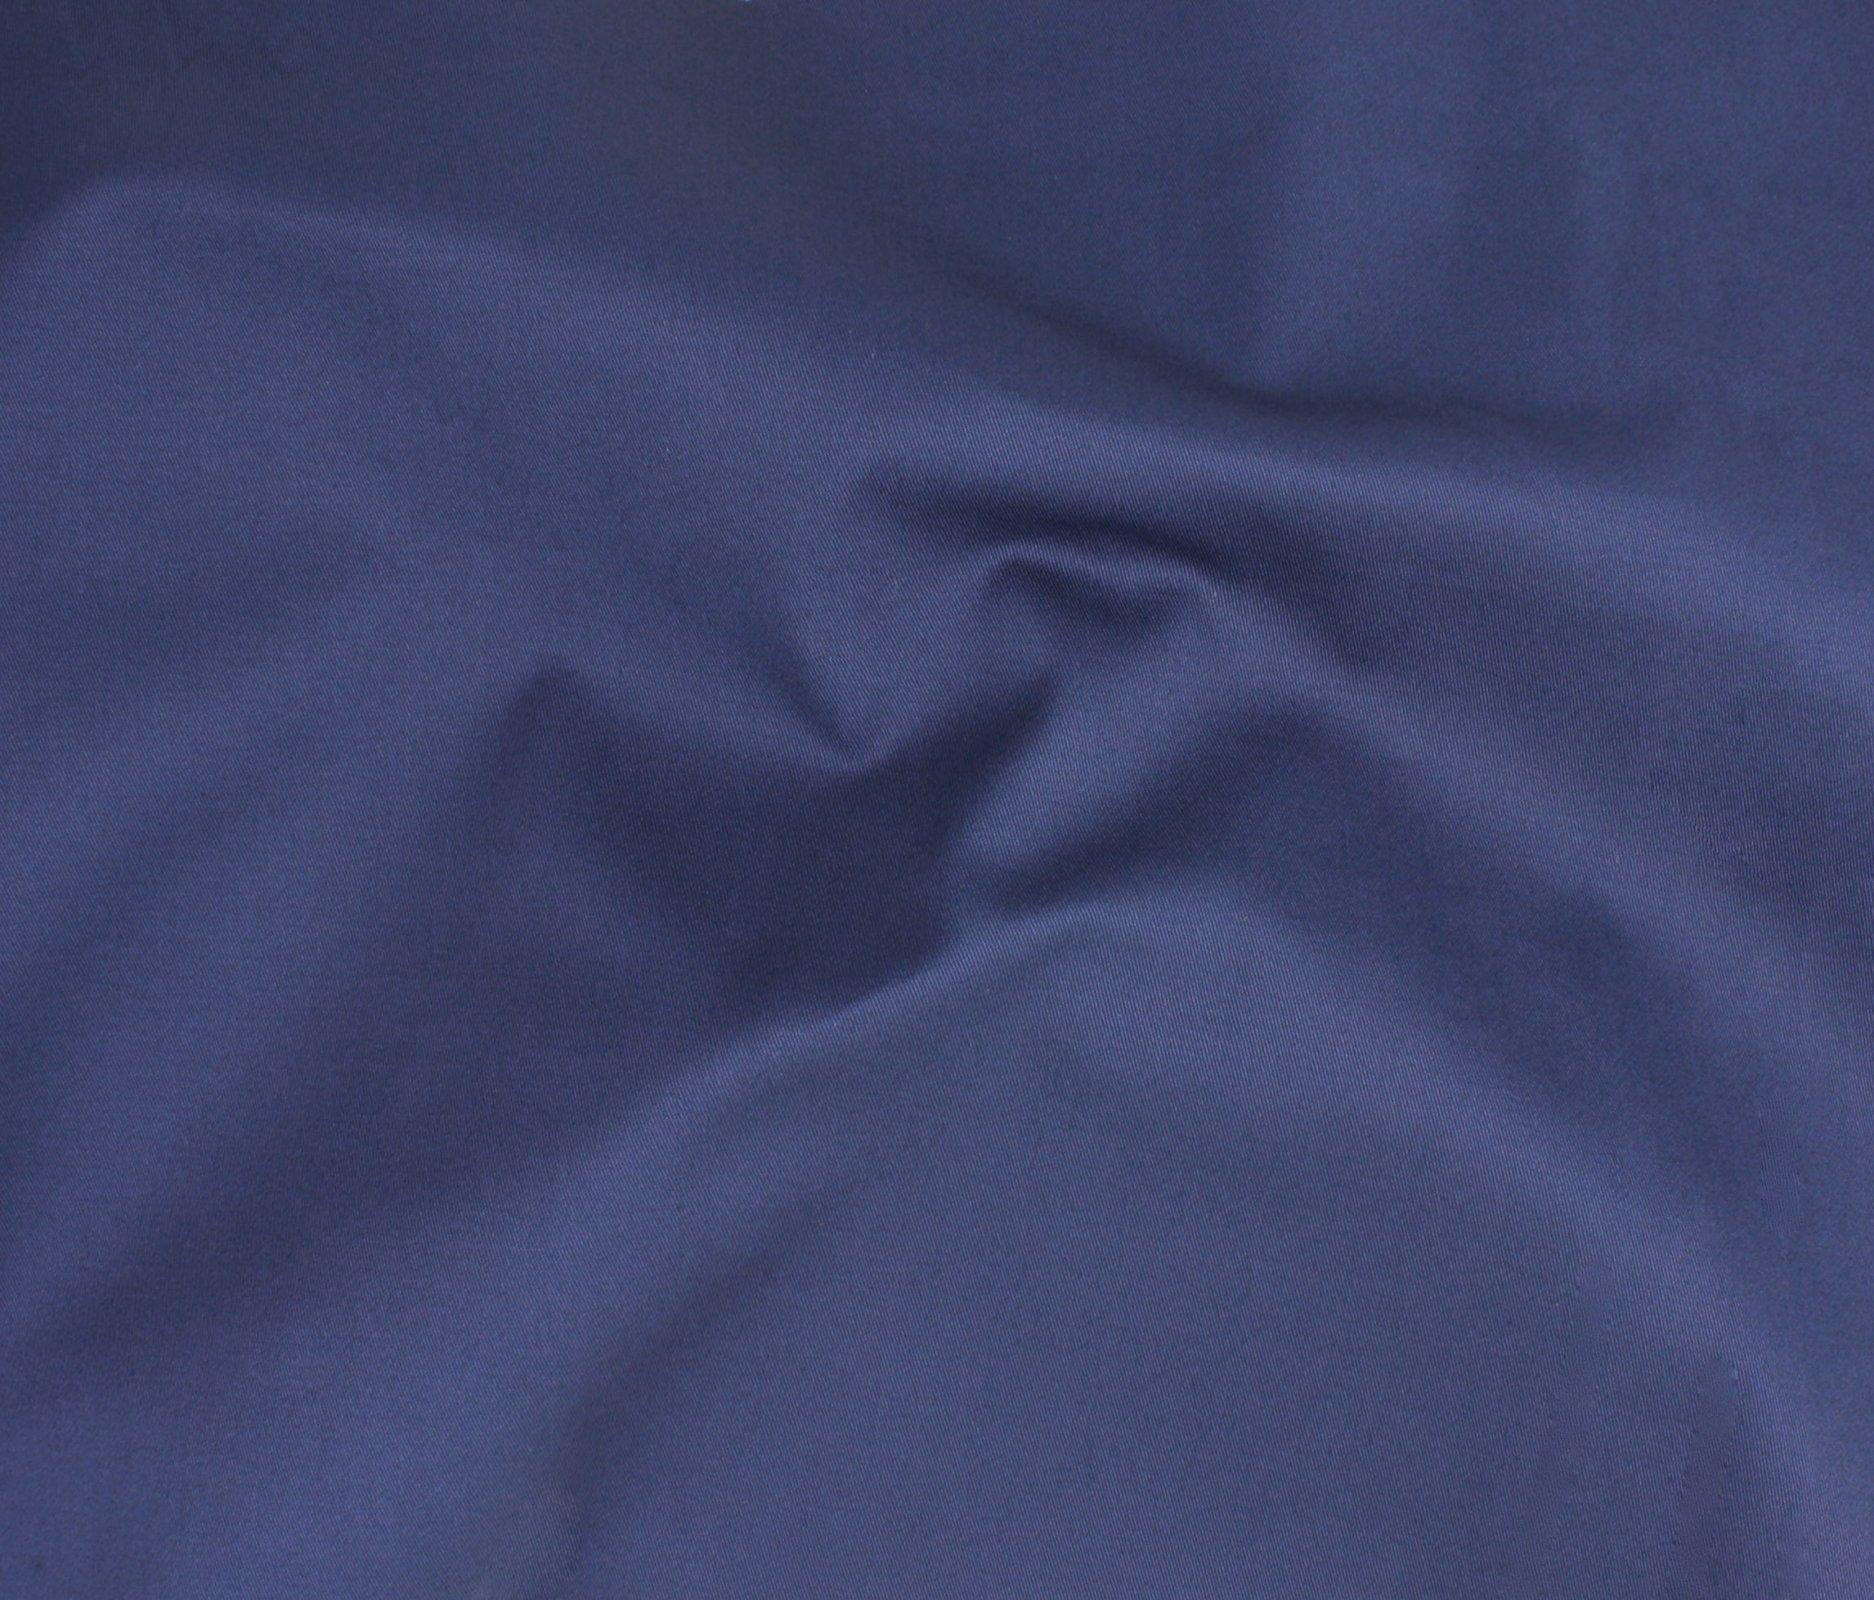 Cargo Stretch Twill - Denim Blue